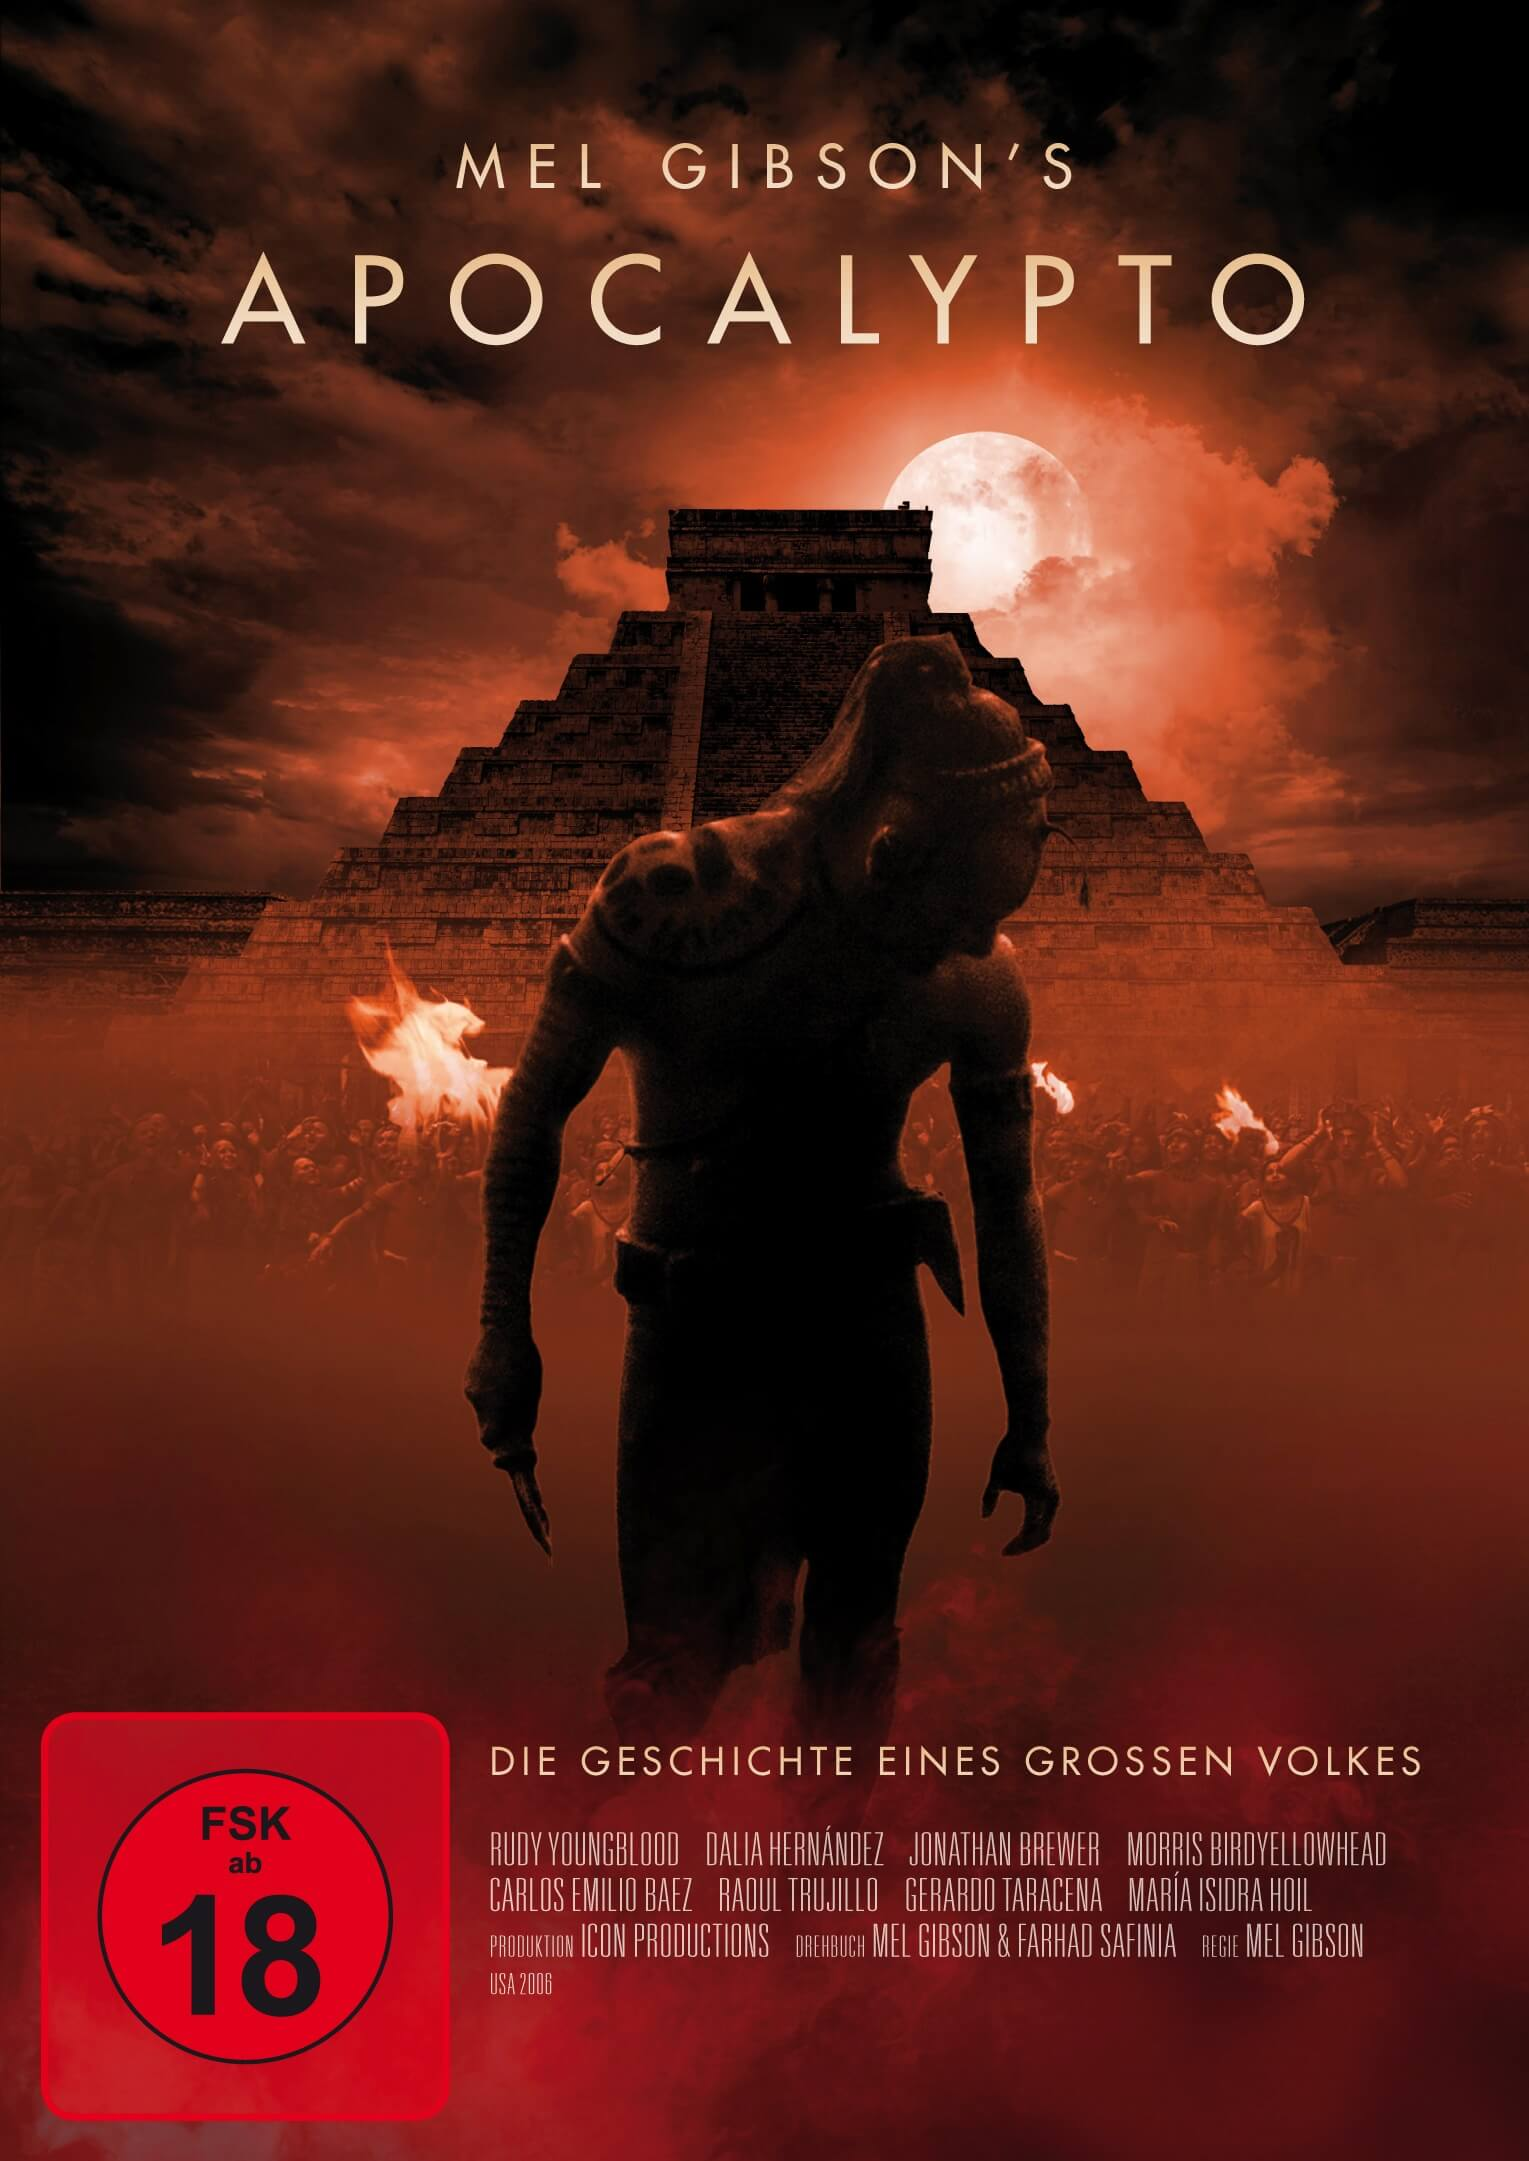 Filme Wie Apocalypto